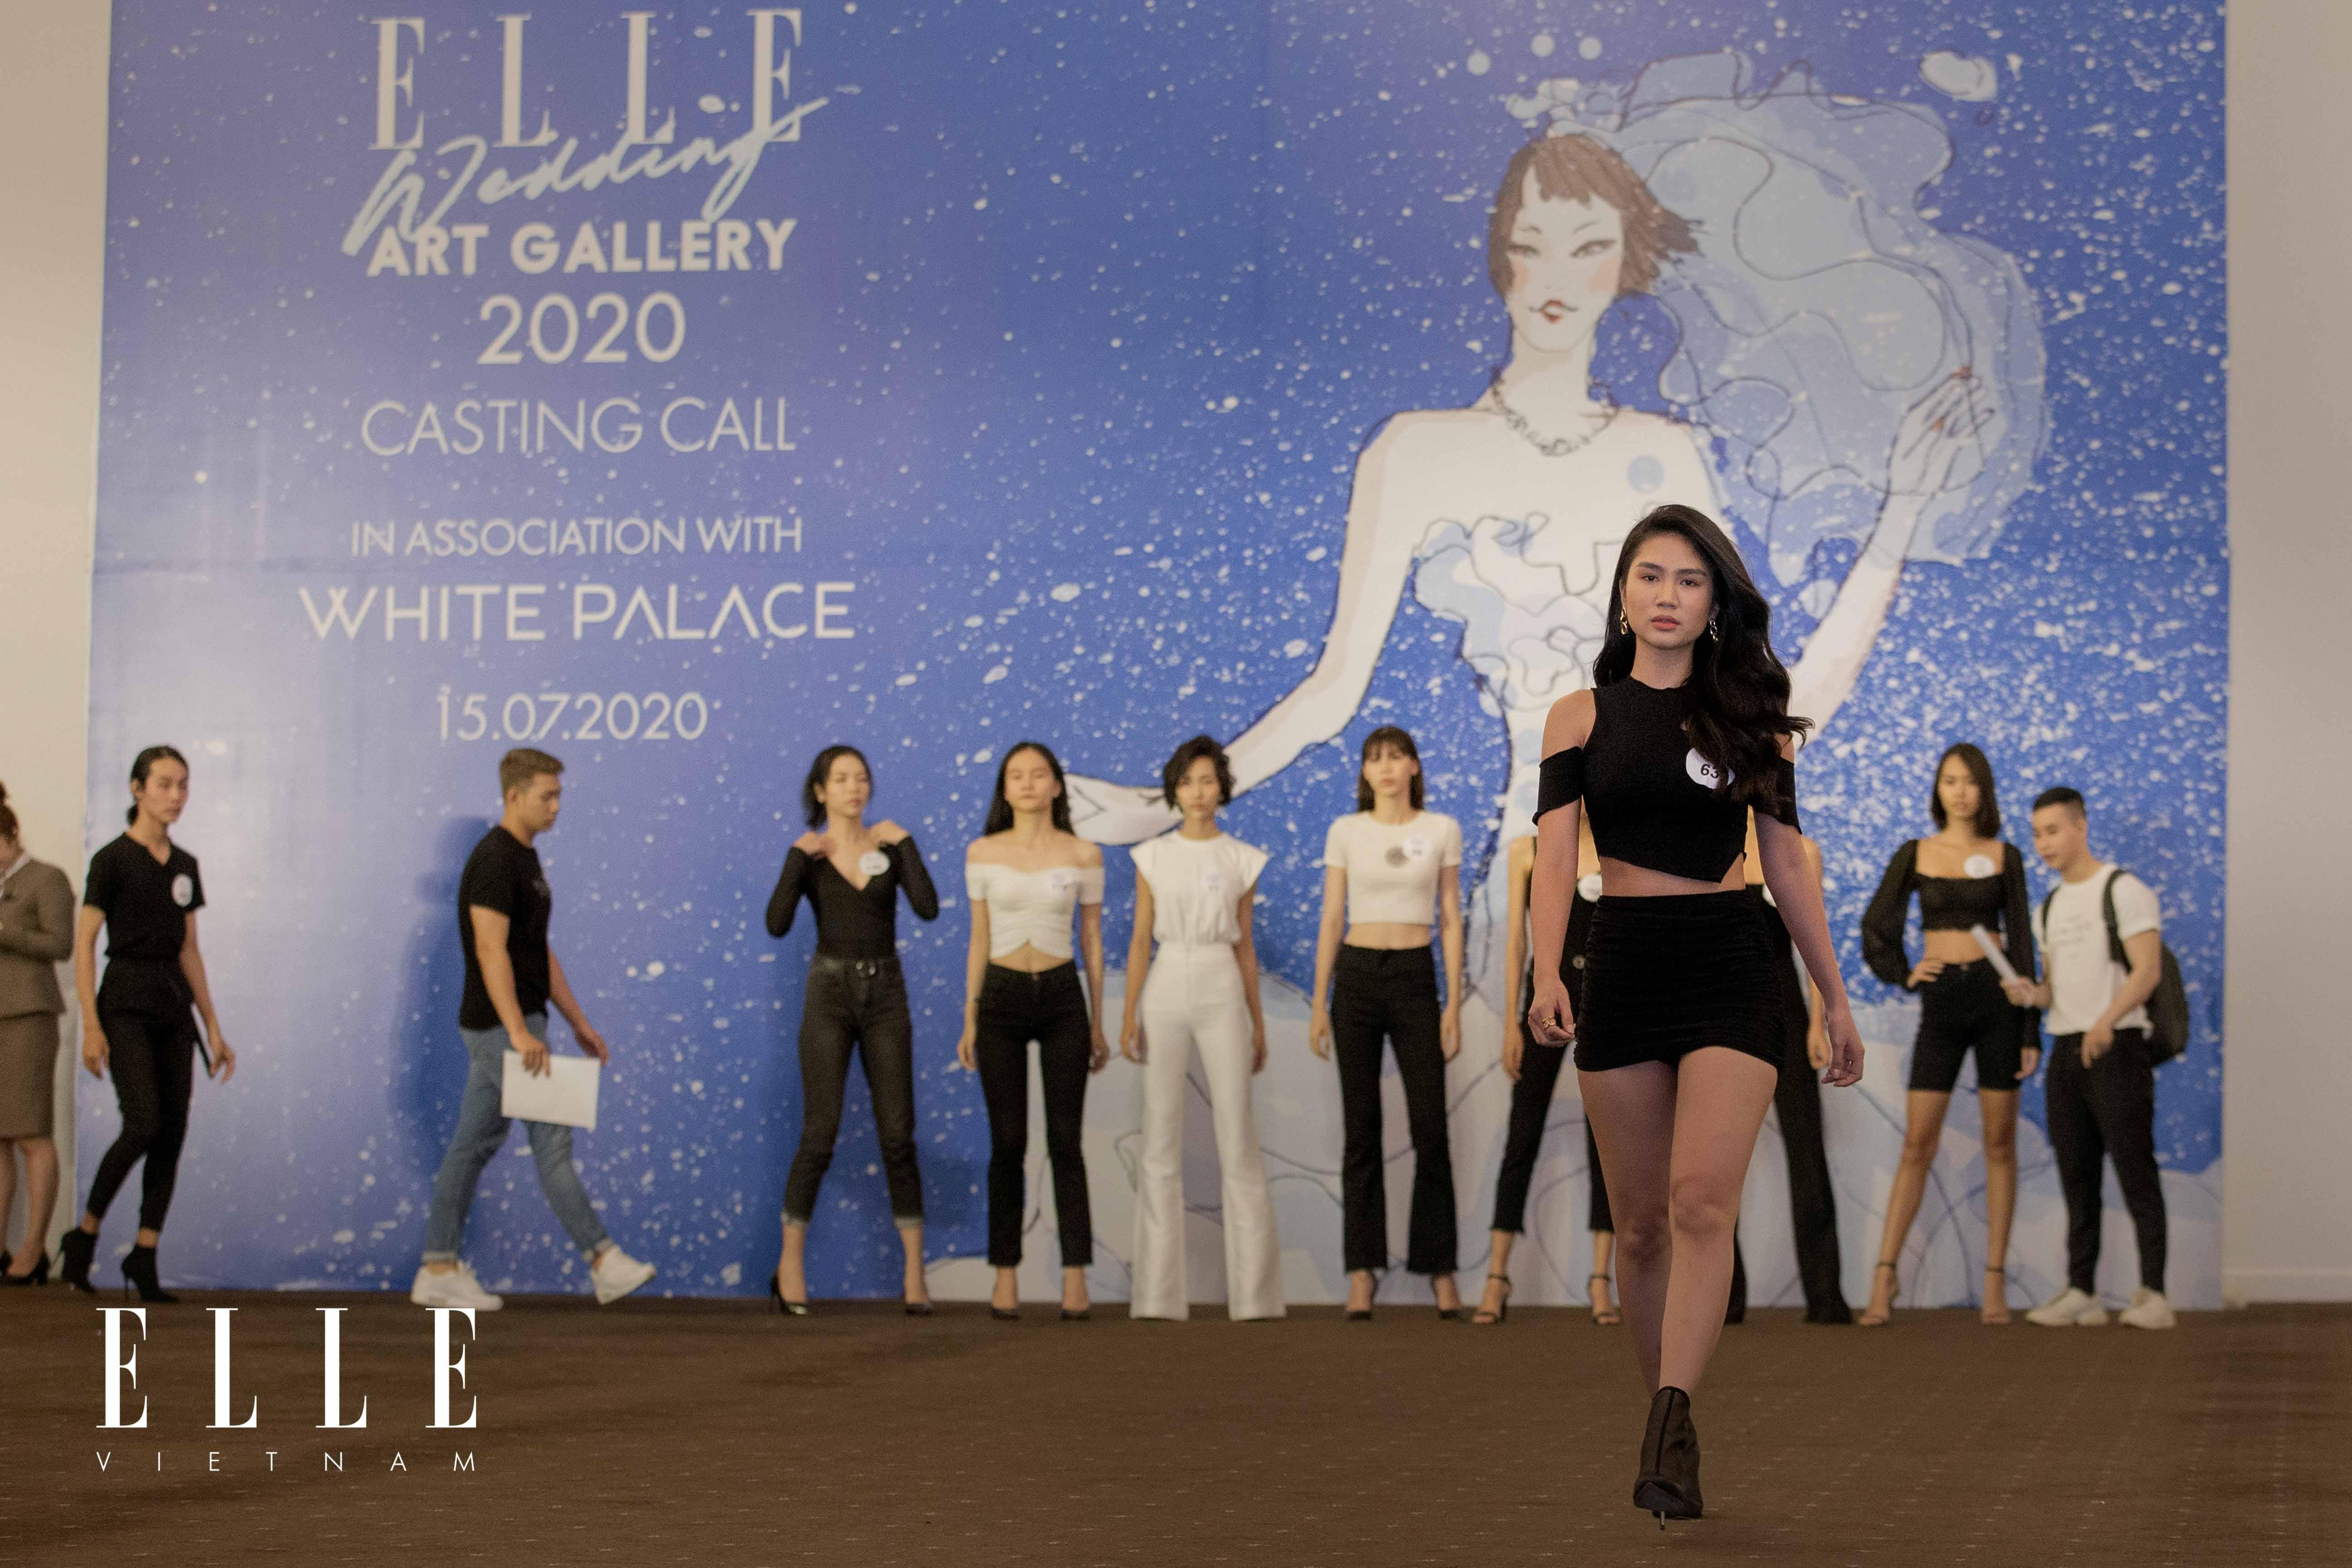 buổi casting người mẫu cho sự kiện elle wedding art gallery 2020 tại white palace